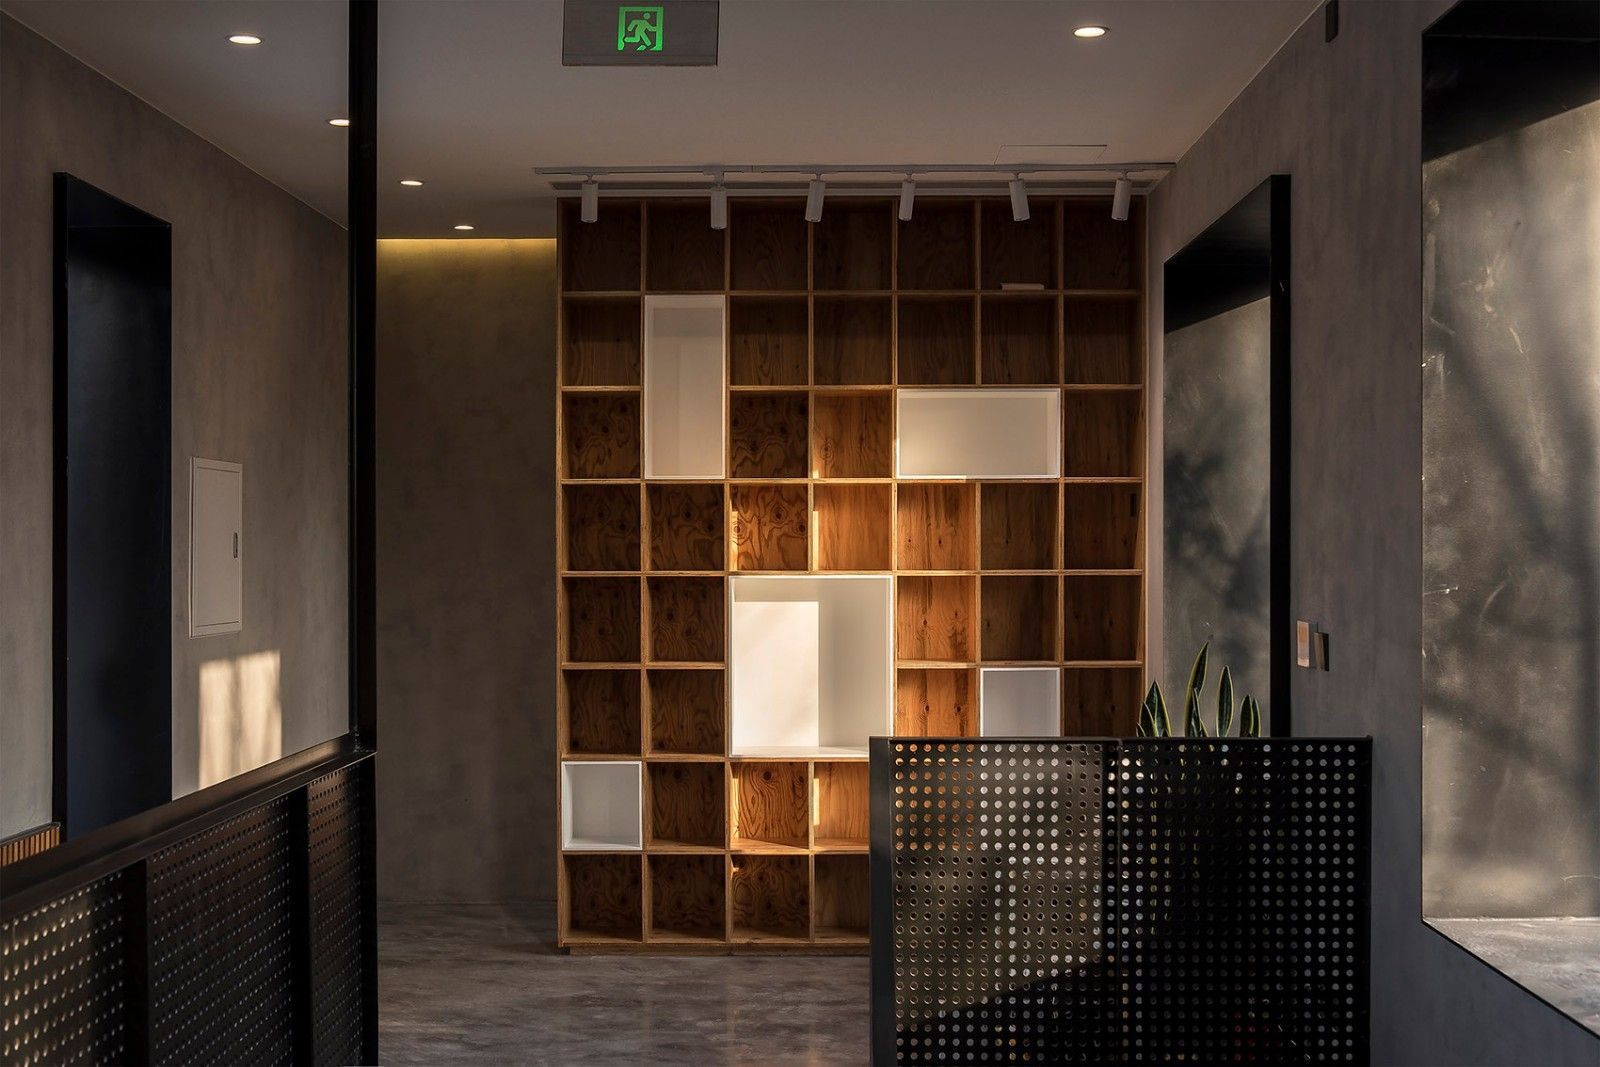 前门老街区的一部清亮短篇,北京微风市集   未来以北工作室 未来以北工作室 - 17